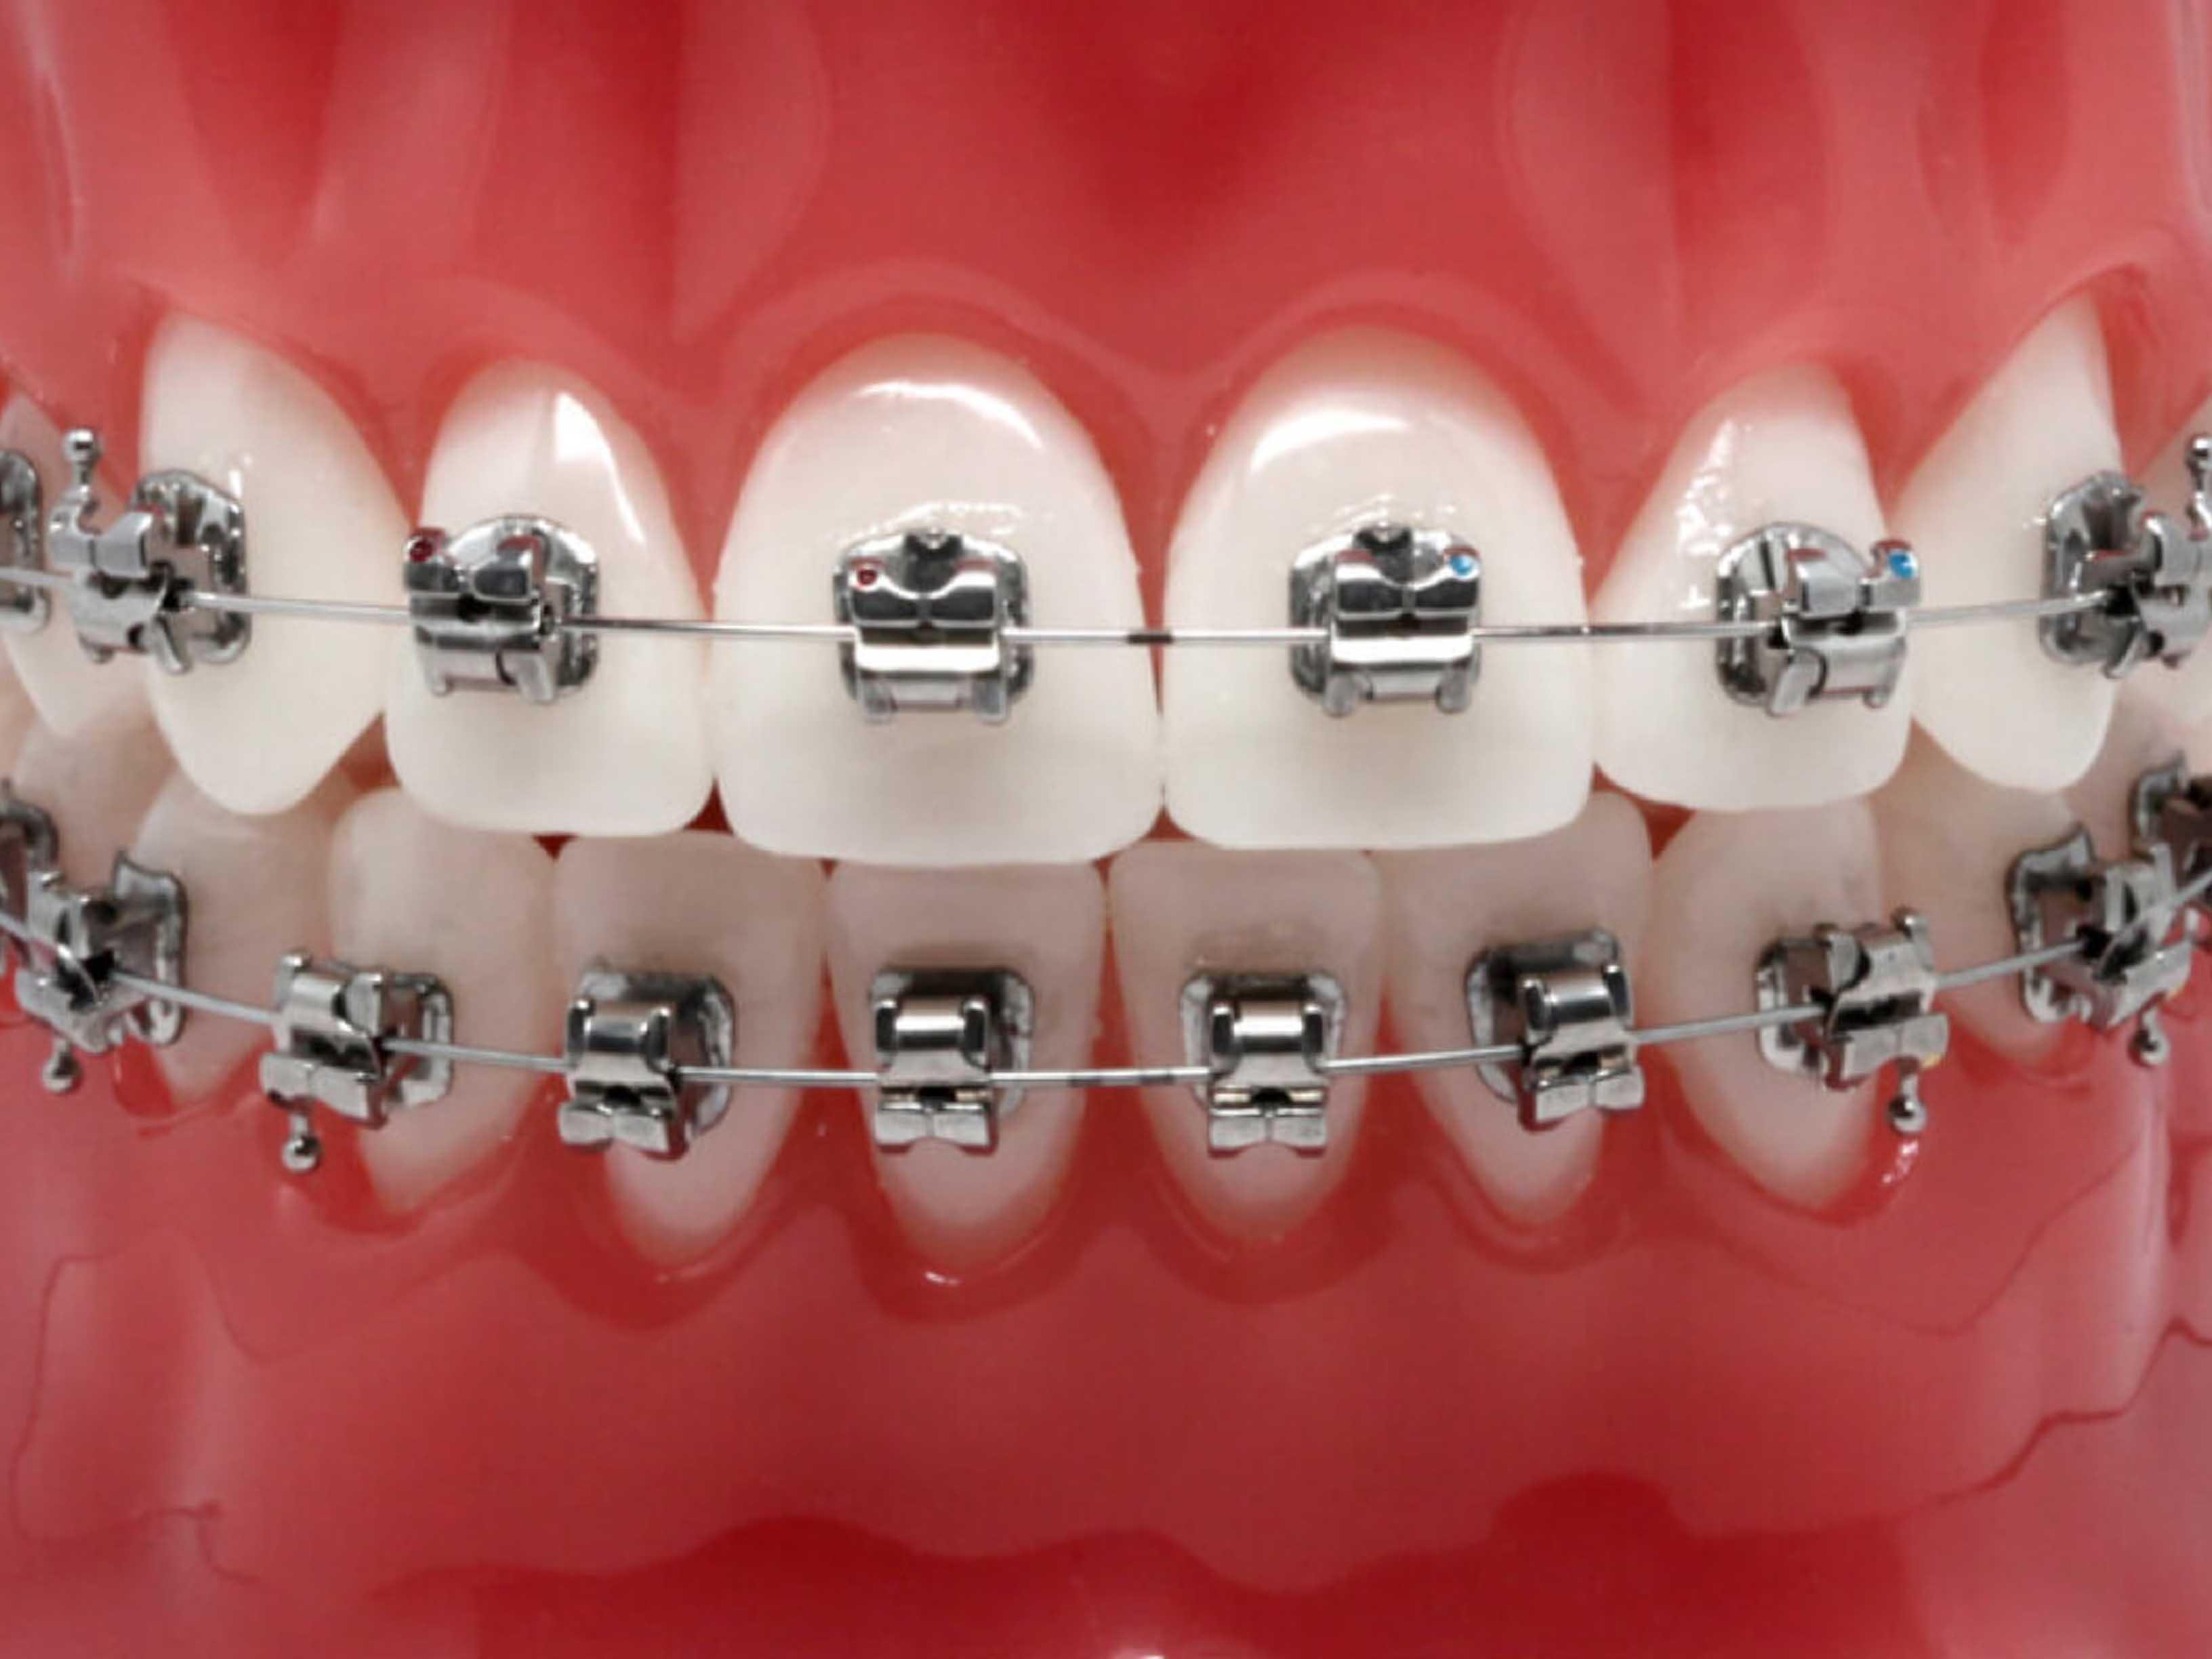 Активация брекет-системы — это коррекция зубных конструкций